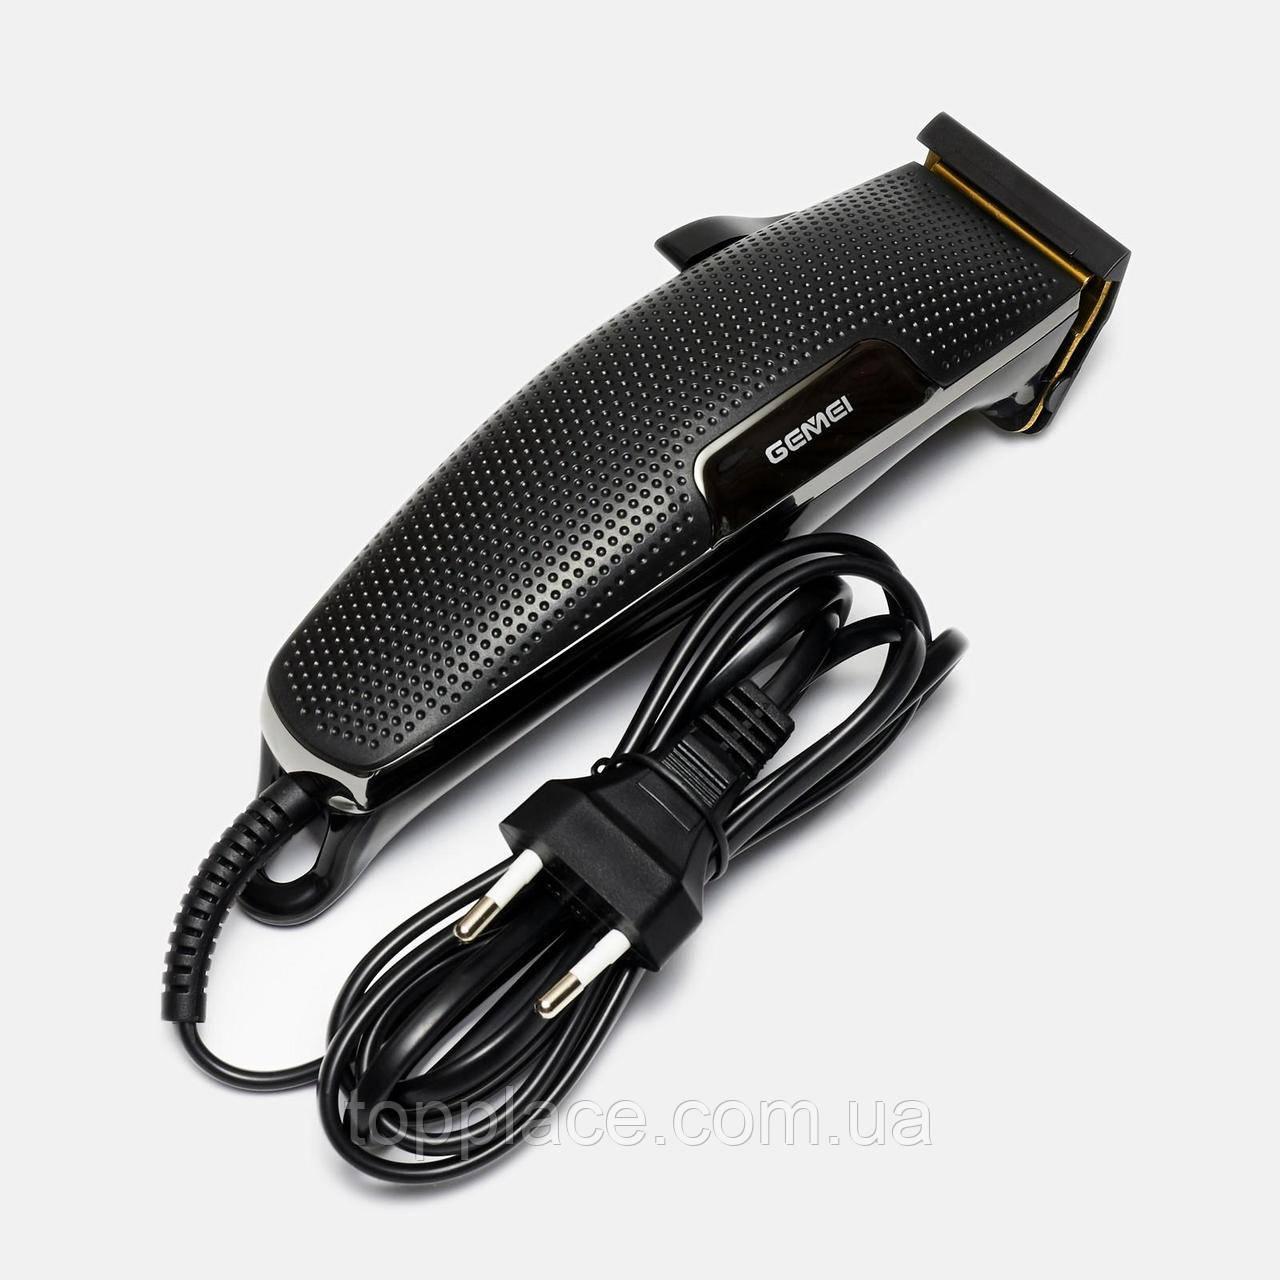 Машинка для стрижки Gemei GM-806 Black (K1010050241)